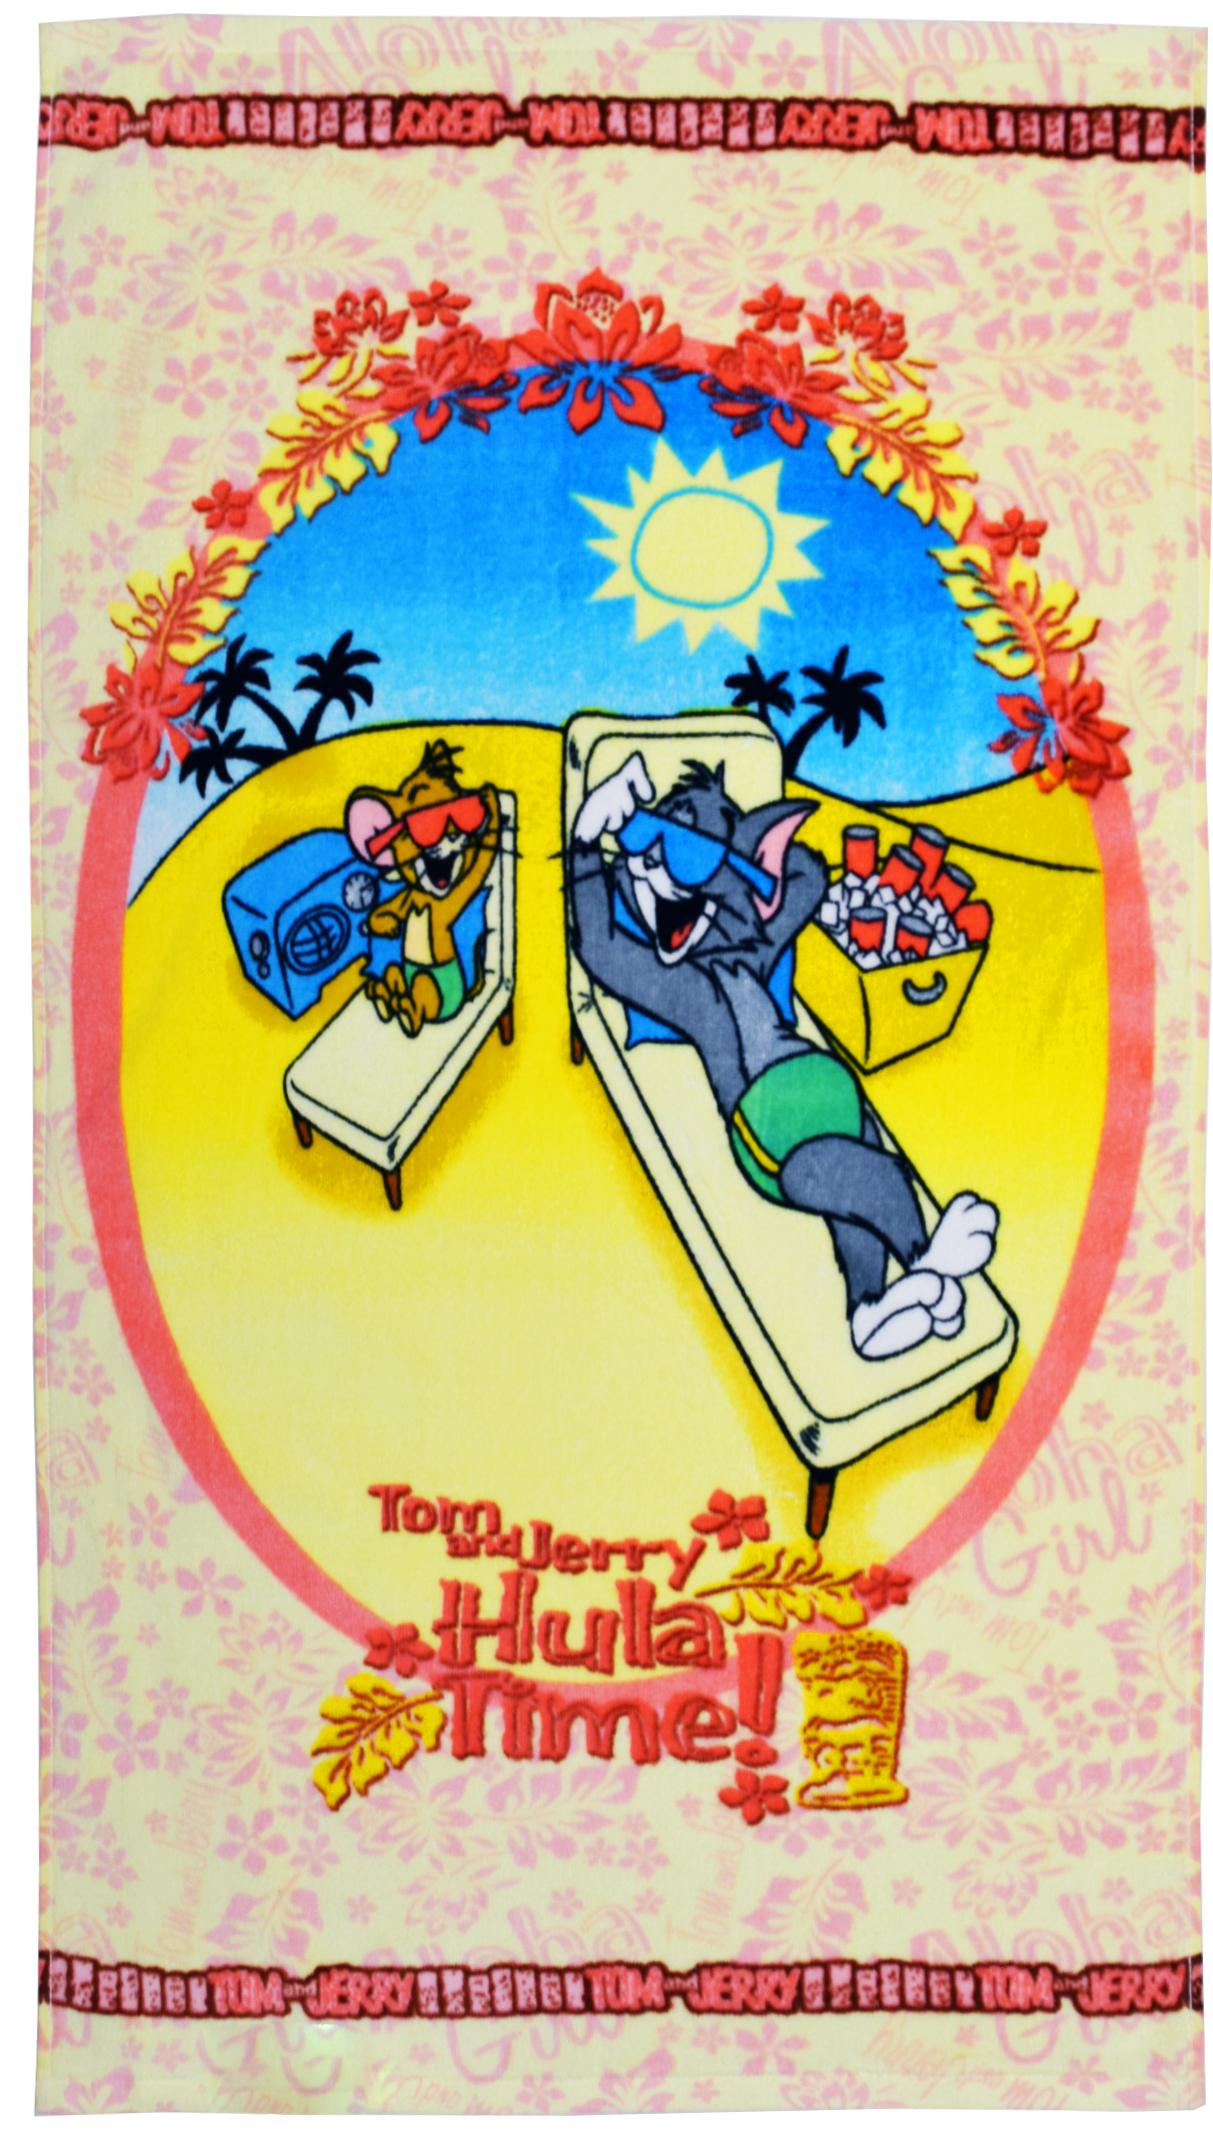 Мульткарнавал Полотенце Том и Джерри на отдыхе 50 х 90 см01300215954Красочные полотенца 2 в 1: одна сторона развлекает, другая — вытирает. Разнообразие расцветок полотенец поможет окунуться в мир волшебных сказок и мультипликационных героев. Уважаемые клиенты! Обращаем ваше внимание на возможные изменения в дизайне, связанные с ассортиментом продукции: дизайн может отличаться от представленного на изображении. Поставка осуществляется в зависимости от наличия на складе.